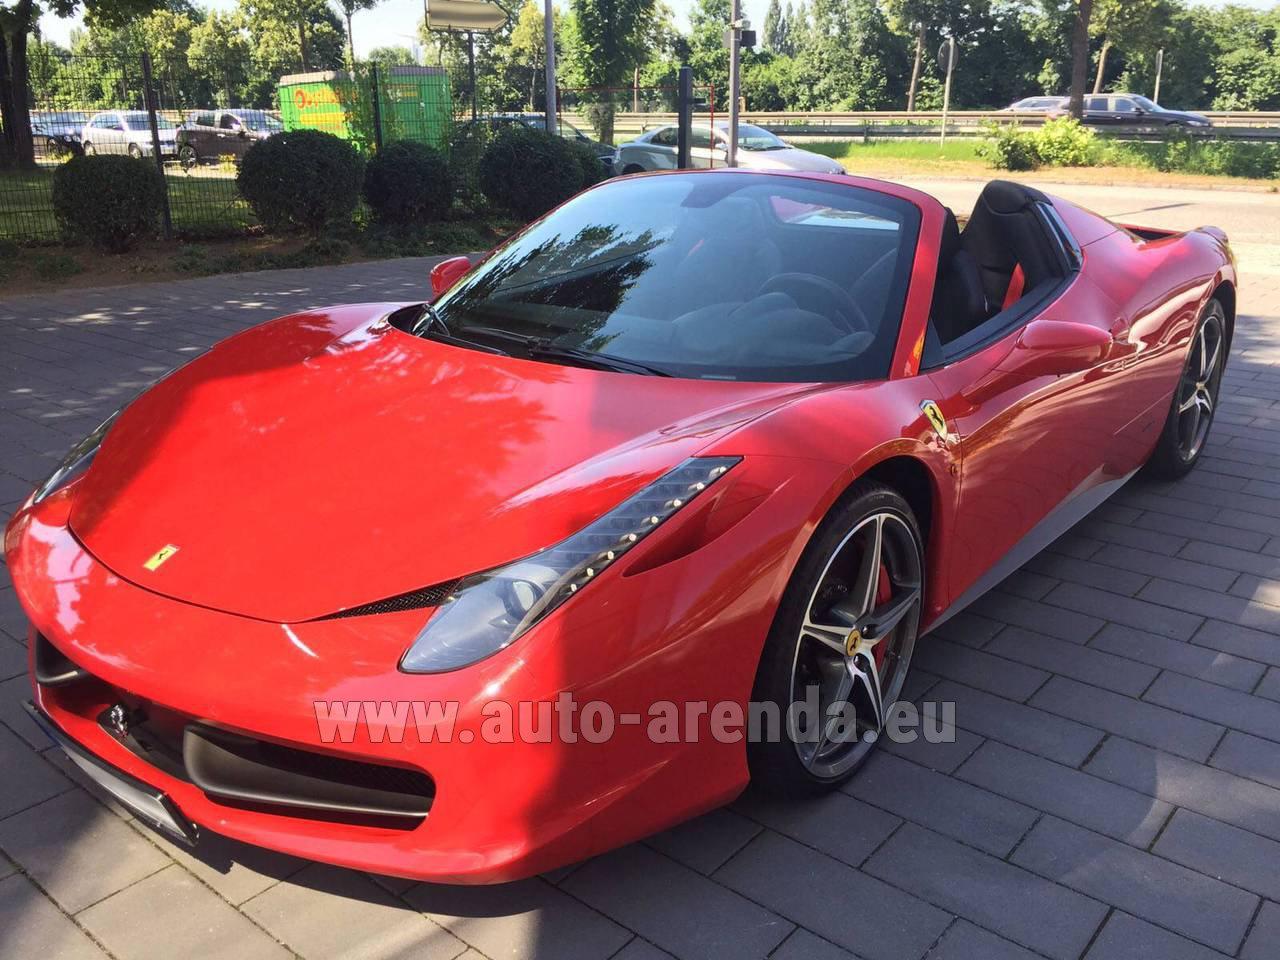 Rent The Ferrari 458 Italia Spider Cabrio Red Car In Magdeburg